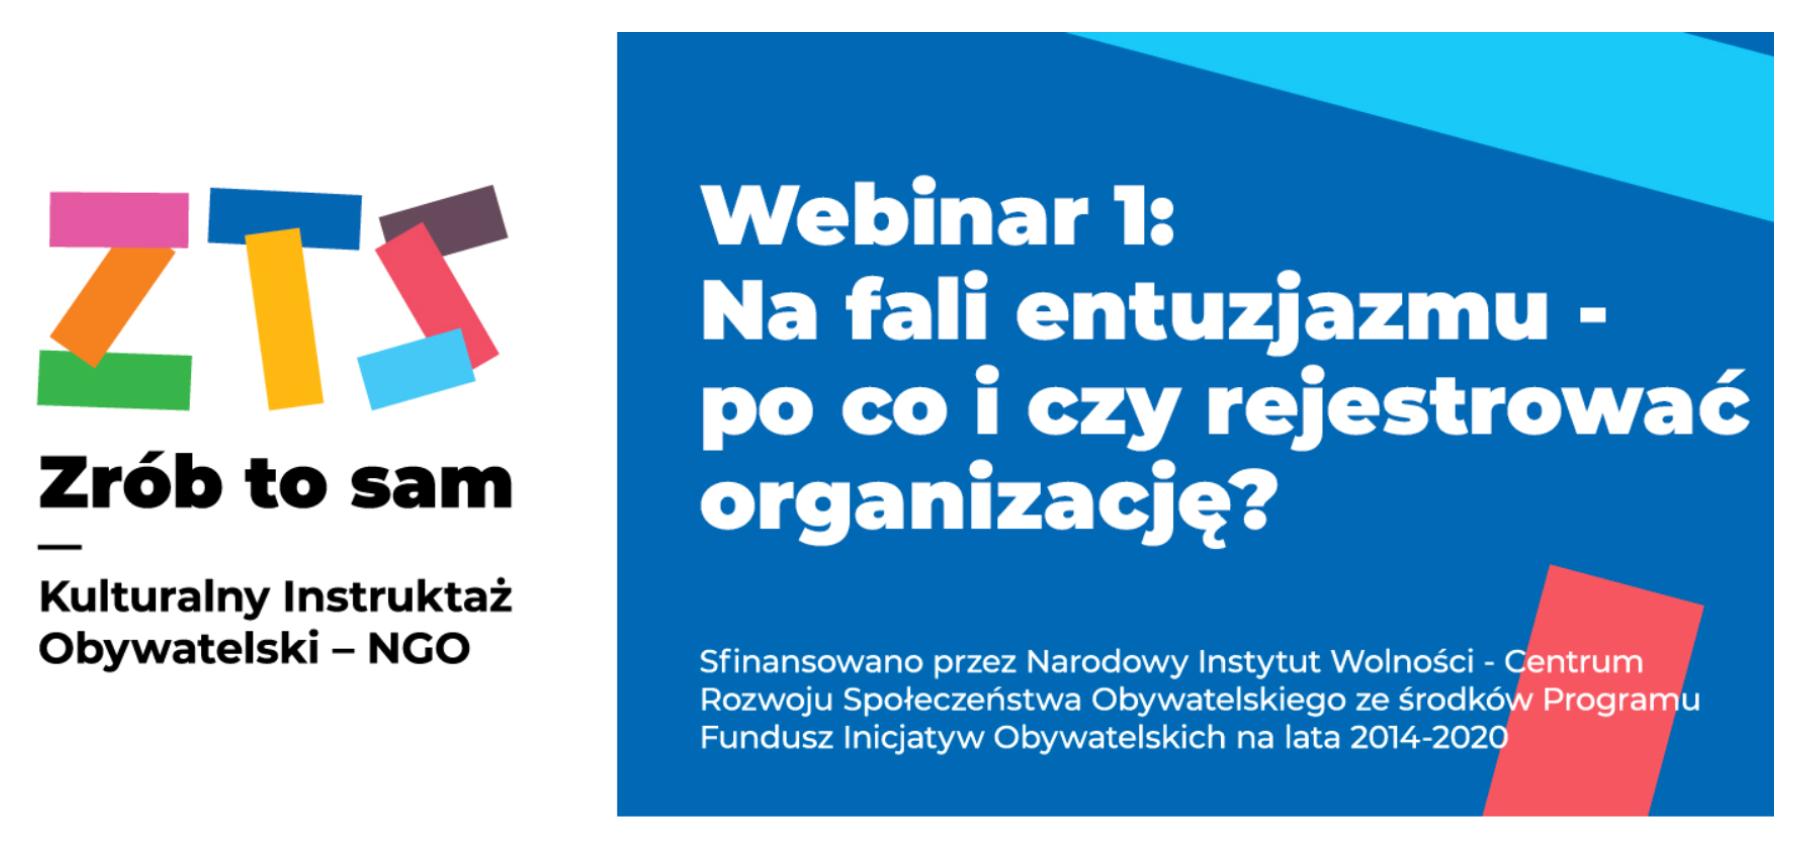 Załóż NGO - webinar 1